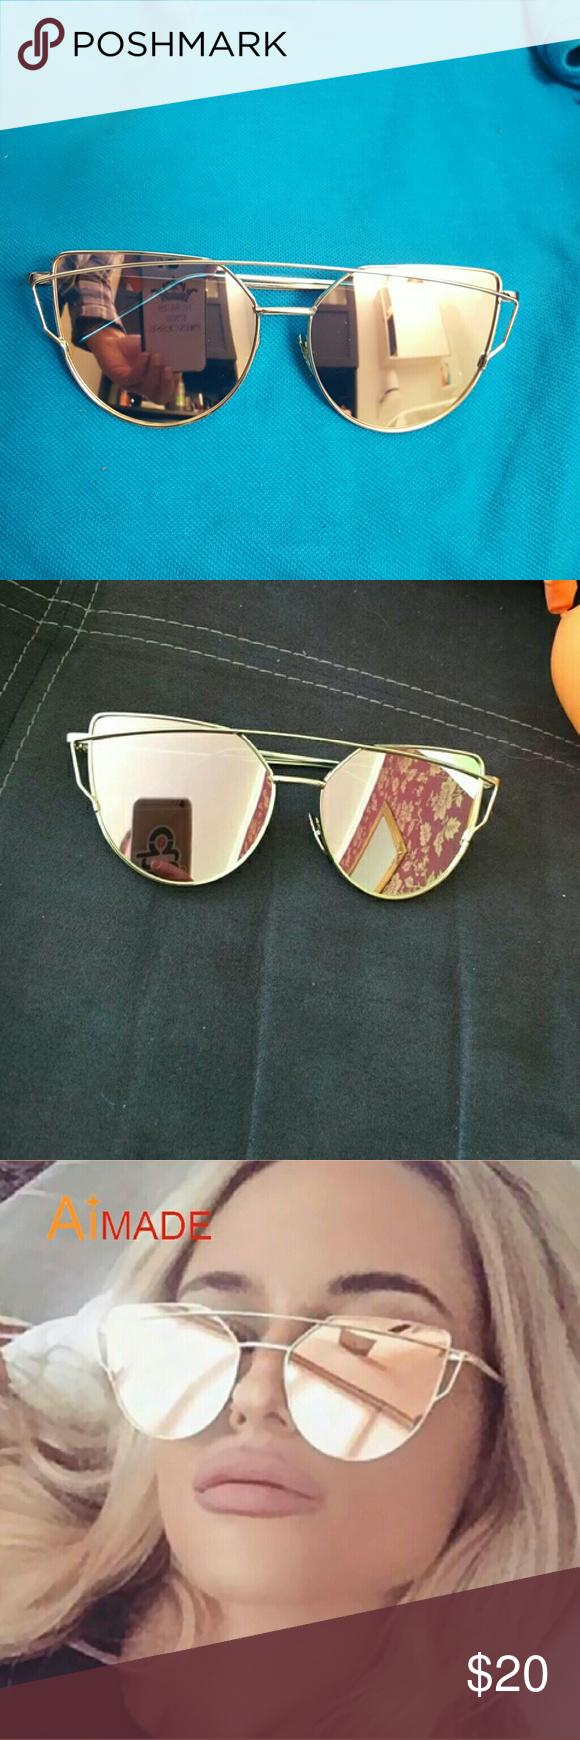 a9877e0723f7e6 New Cat Eye Sunglasses Women Fashion Twin-Beams R New Cat Eye Sunglasses  Women Fashion Twin-Beams Rose Gold Mirror Cateye Sun Glasses For Female  UV400.